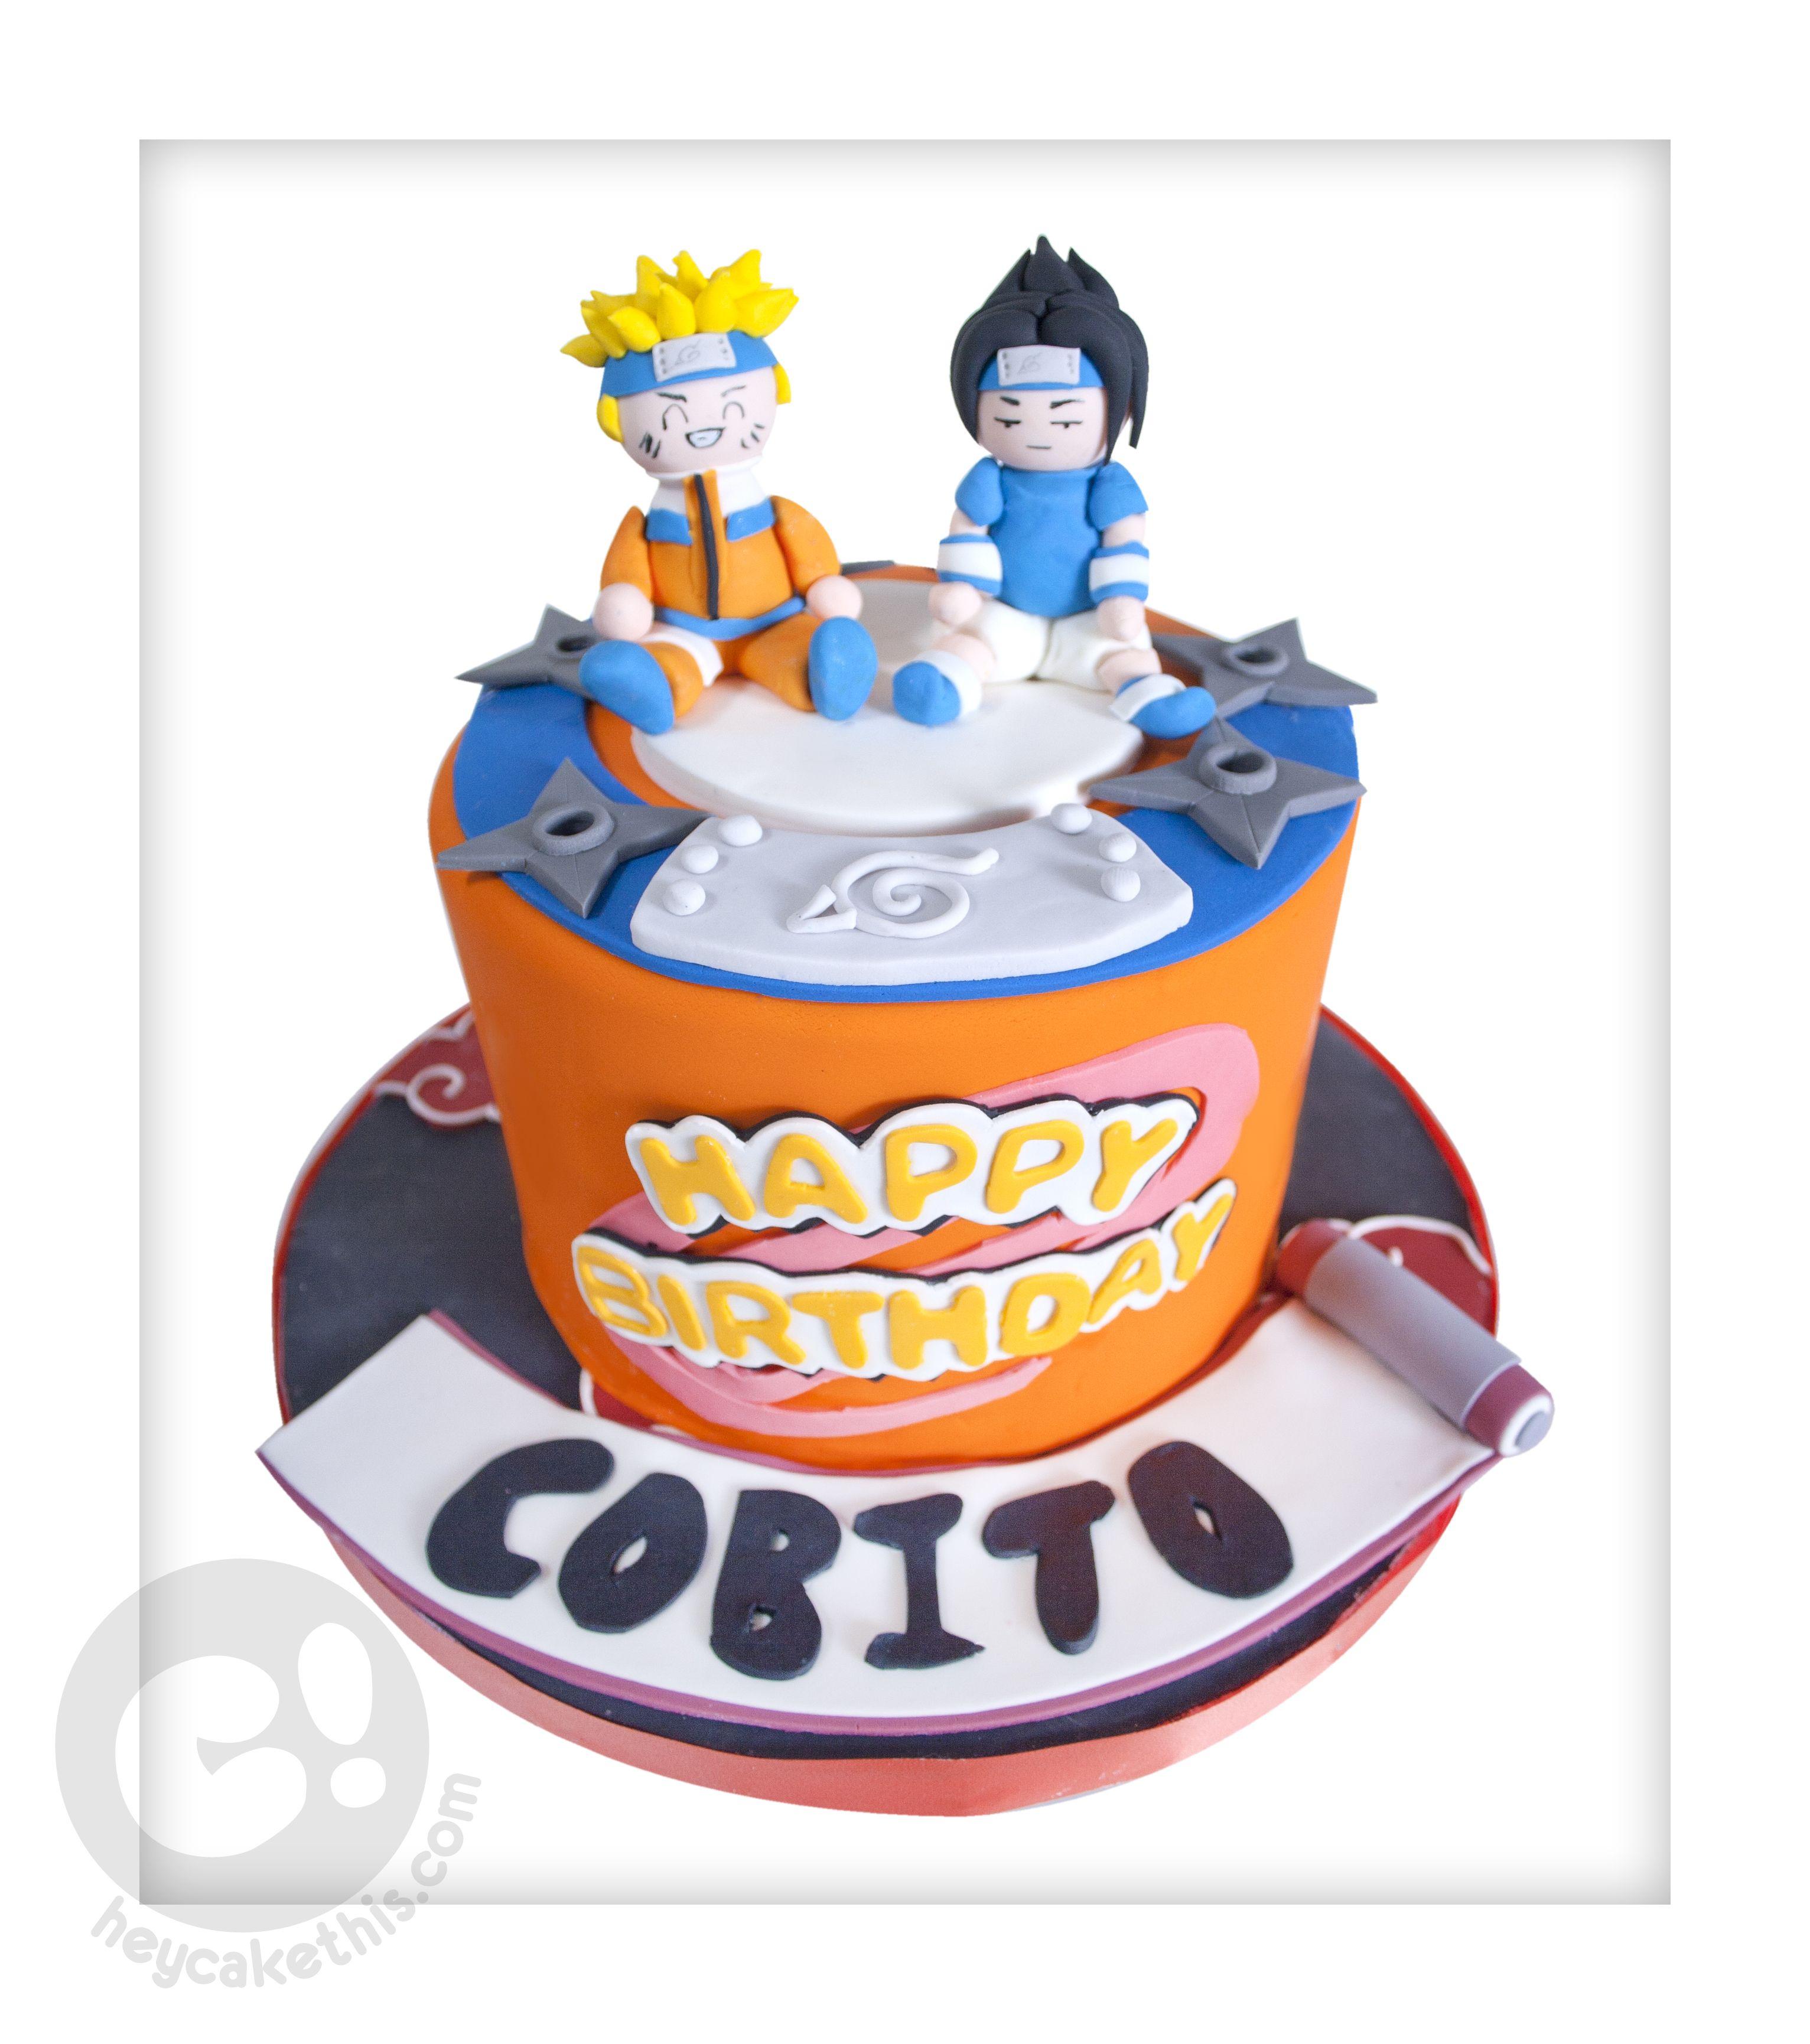 Stupendous Naruto And Sasuke Themed Cake With Images Cake Themed Cakes Personalised Birthday Cards Akebfashionlily Jamesorg